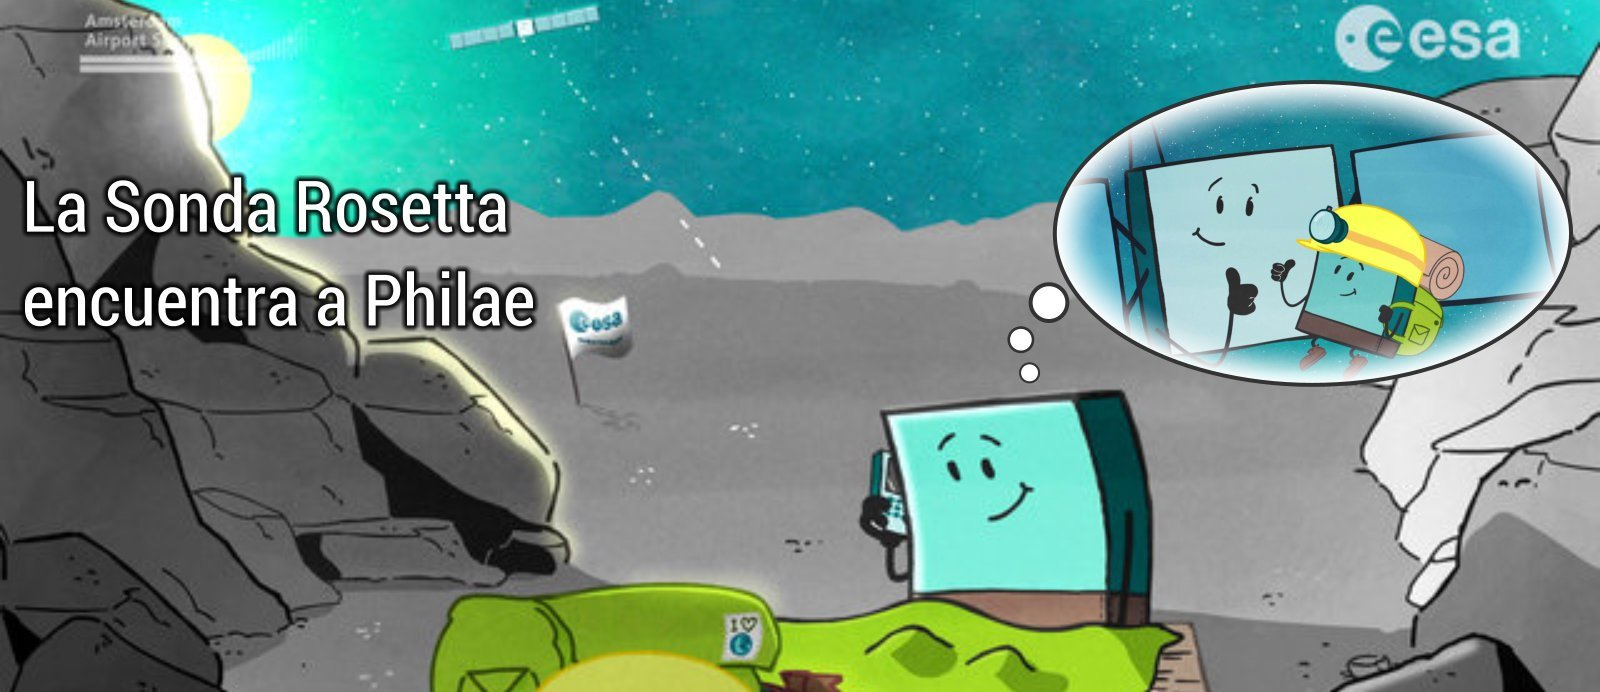 RosettaPhilae E1473105980173, Planeta Incógnito